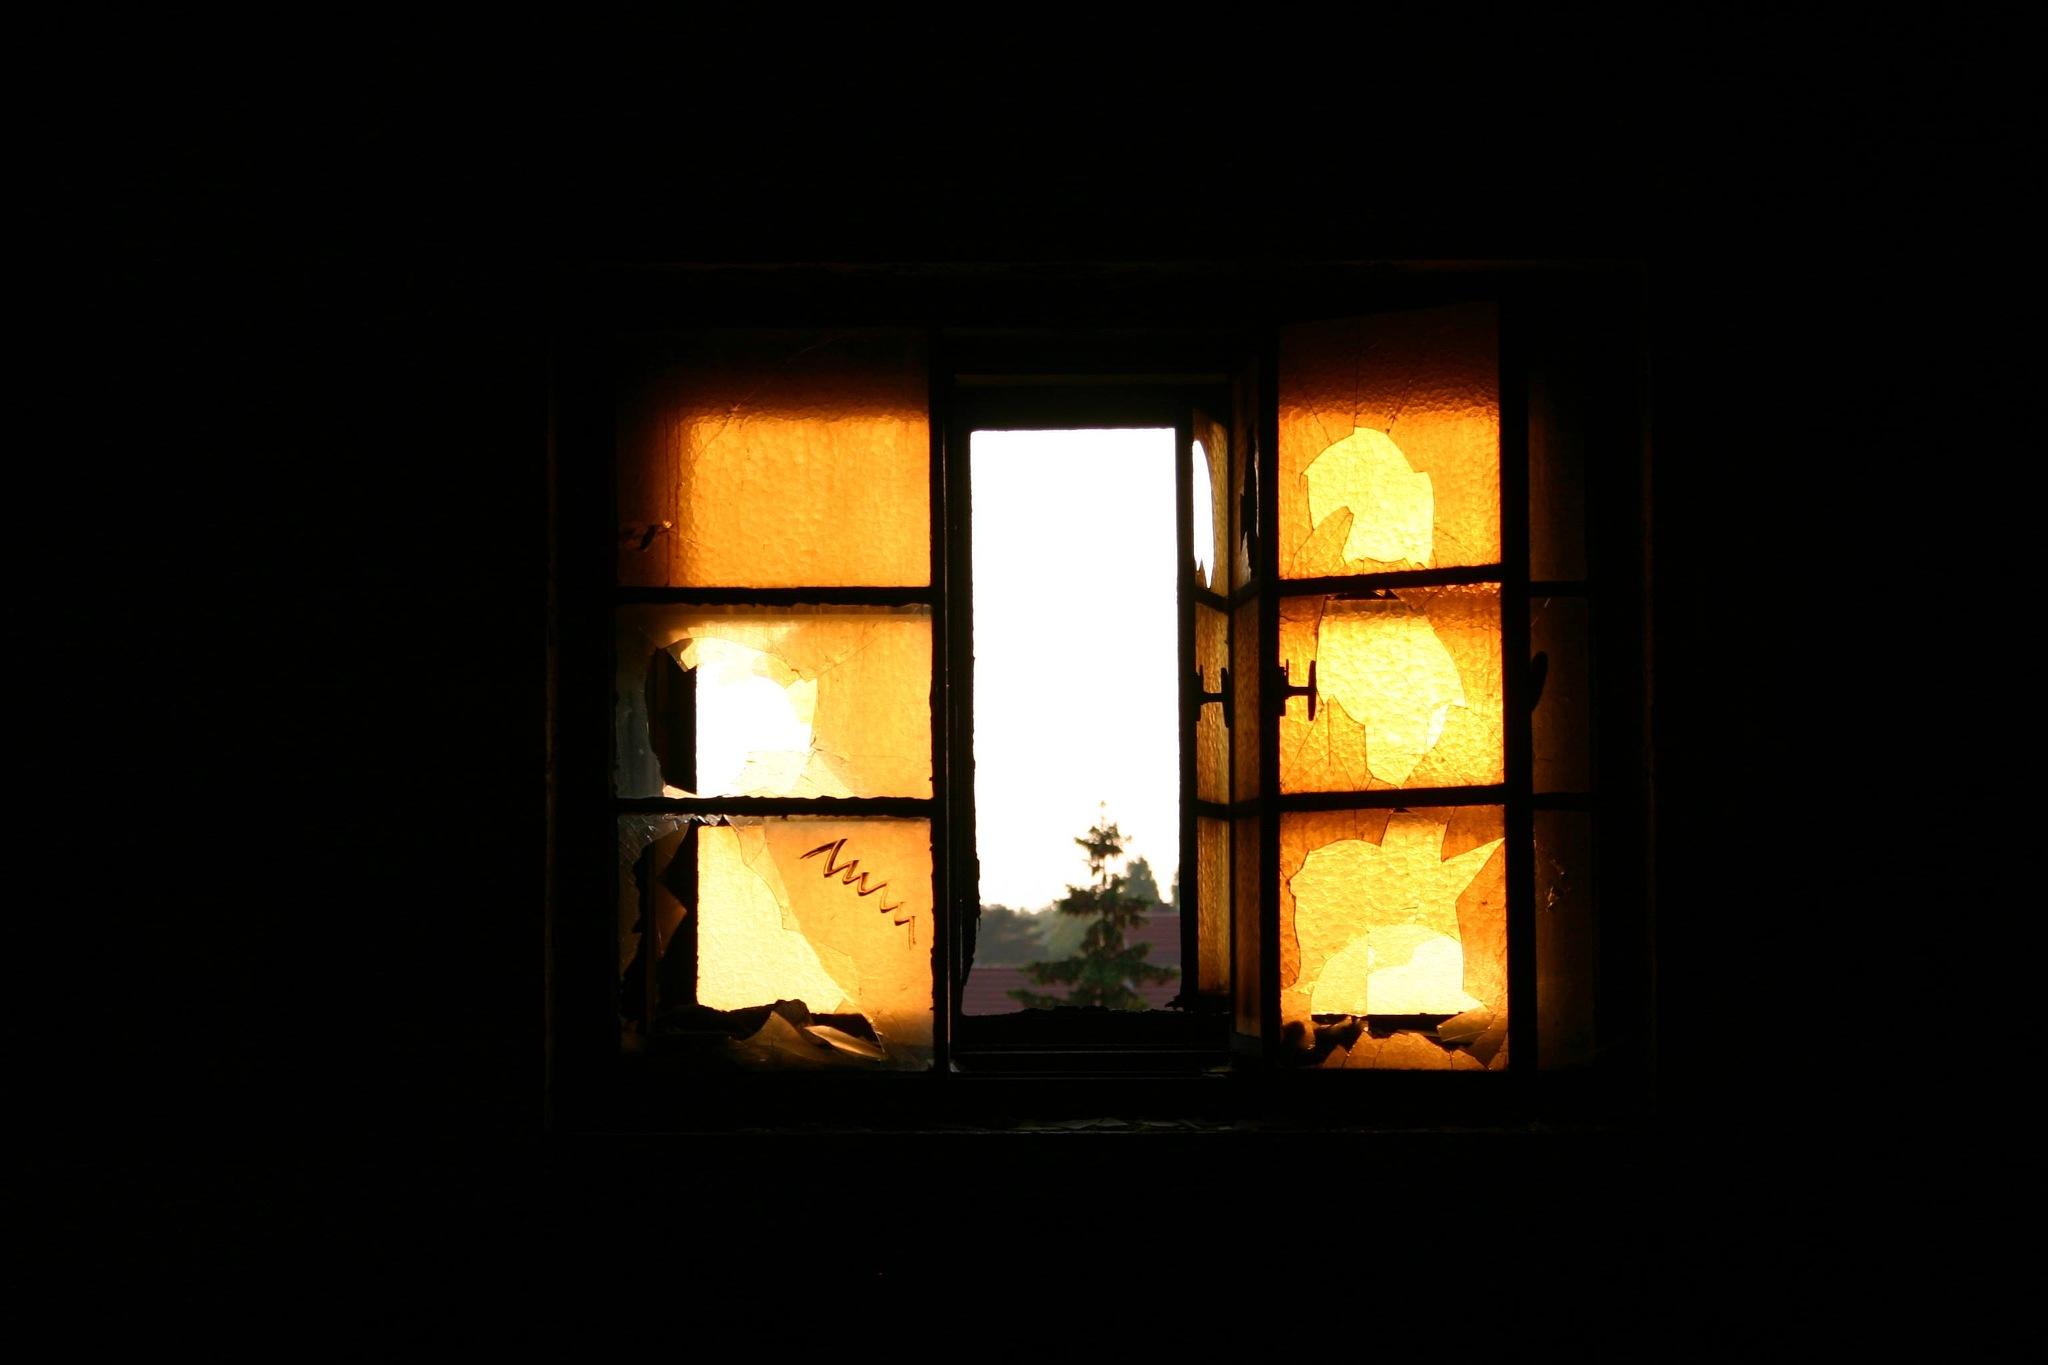 Windows Pt. 1  by Liese